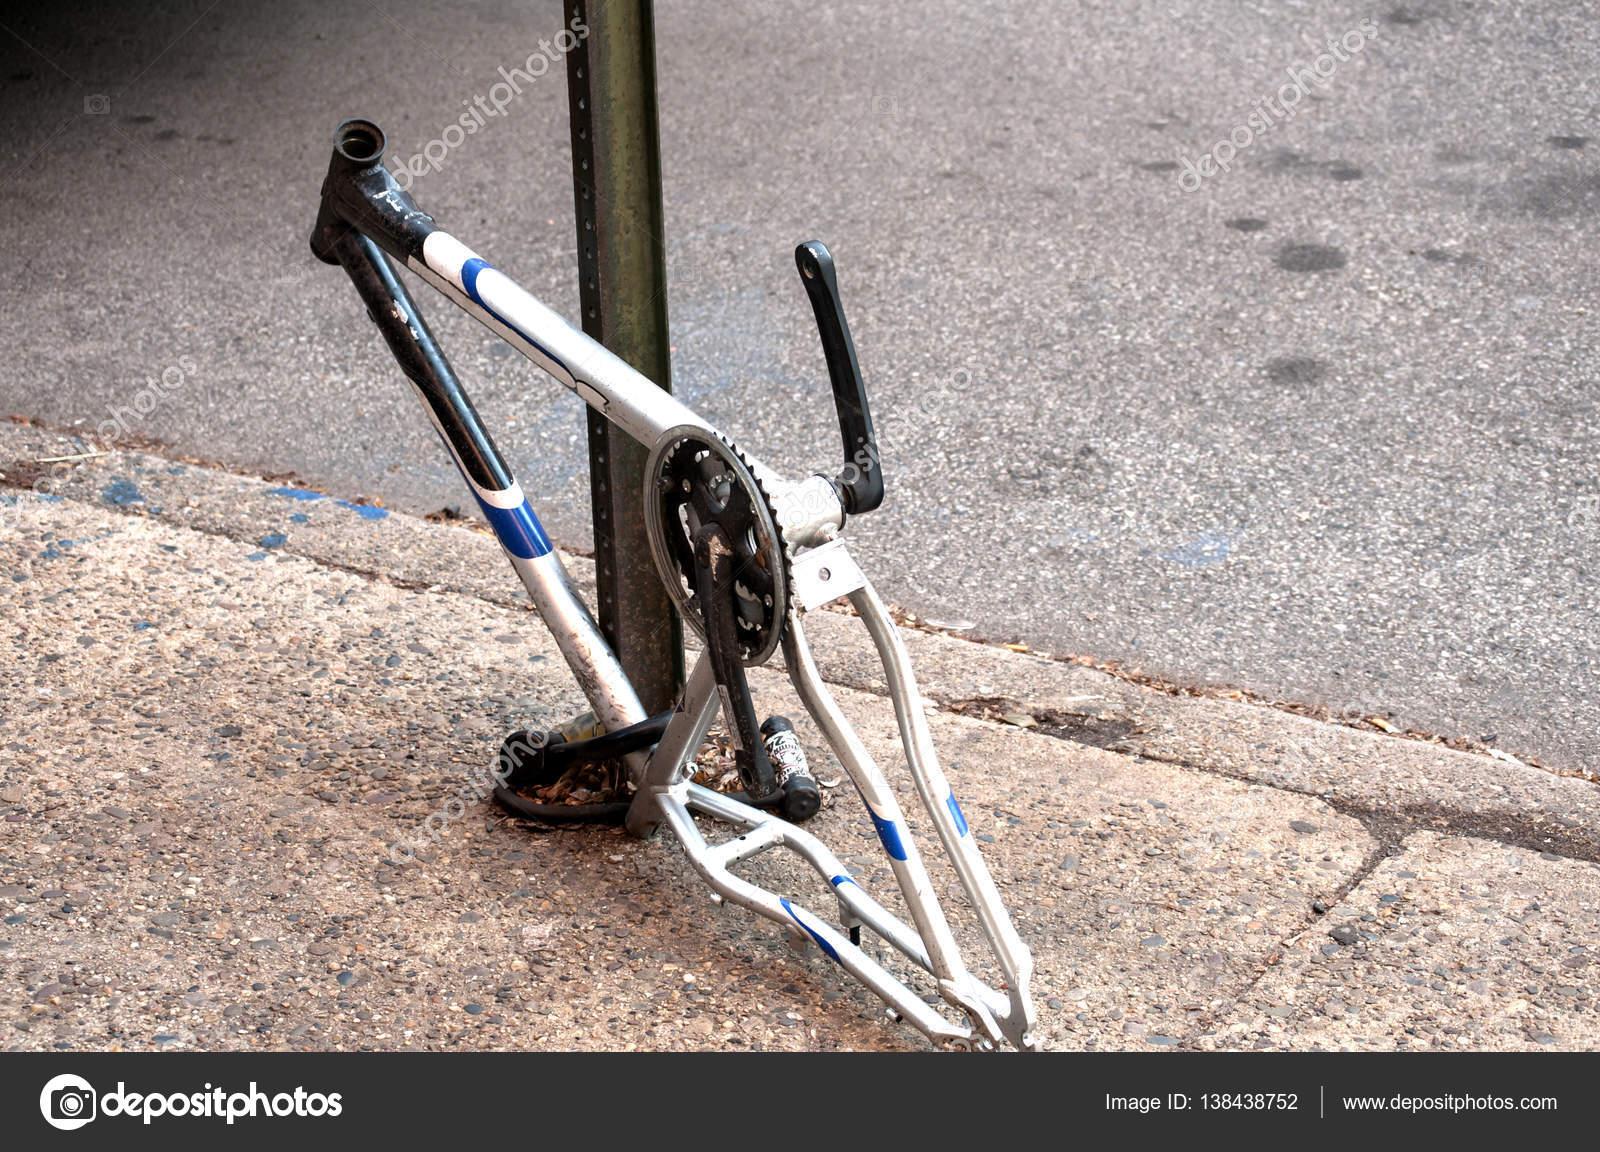 Fahrradrahmen mit gestohlenen Teile — Stockfoto © varbenov1 #138438752